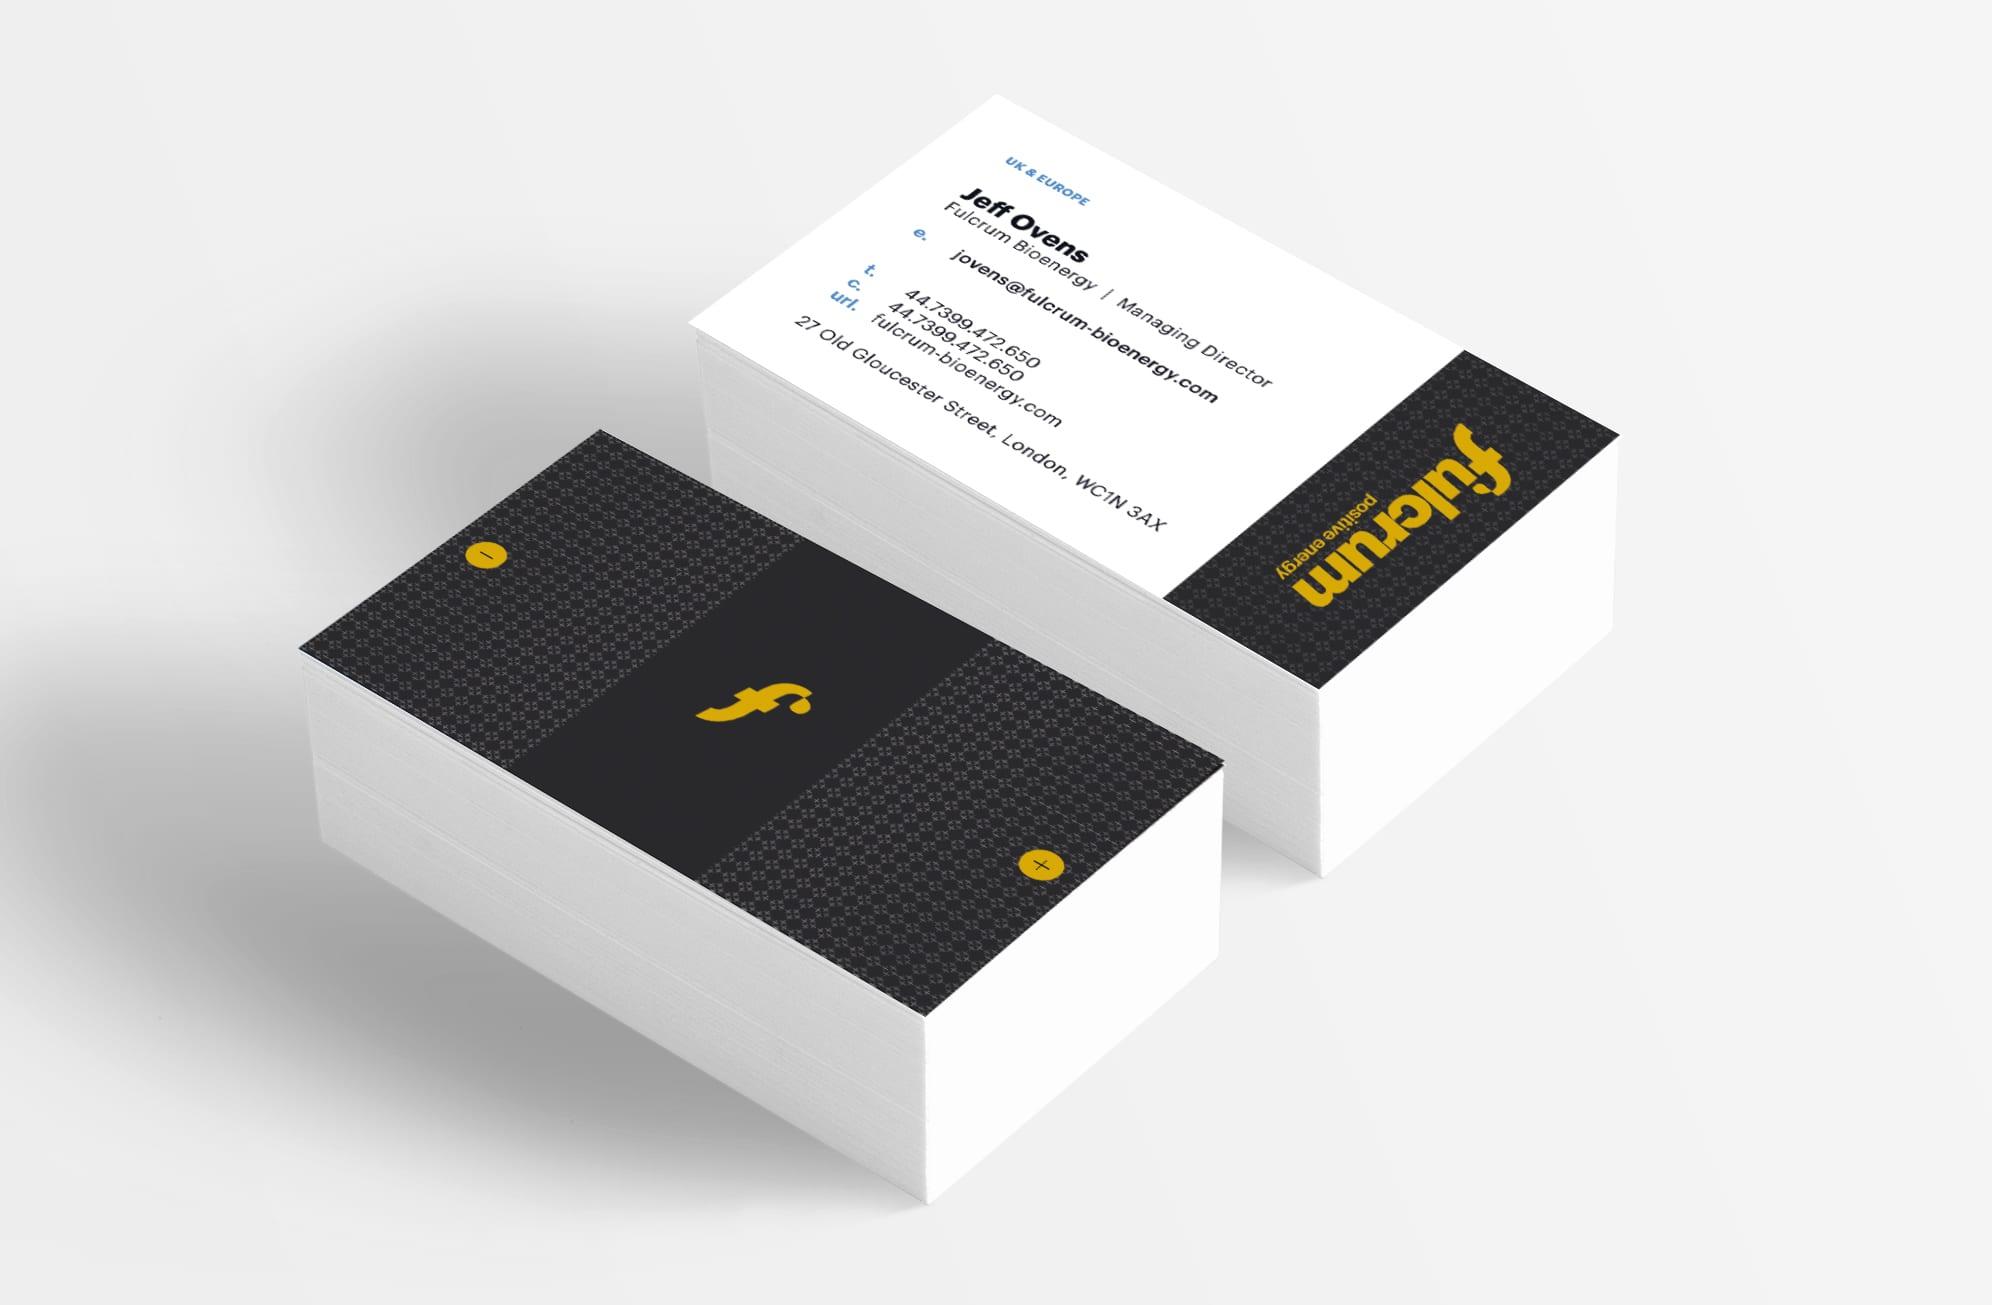 clp_fulcrum_businesscard_3dmocks